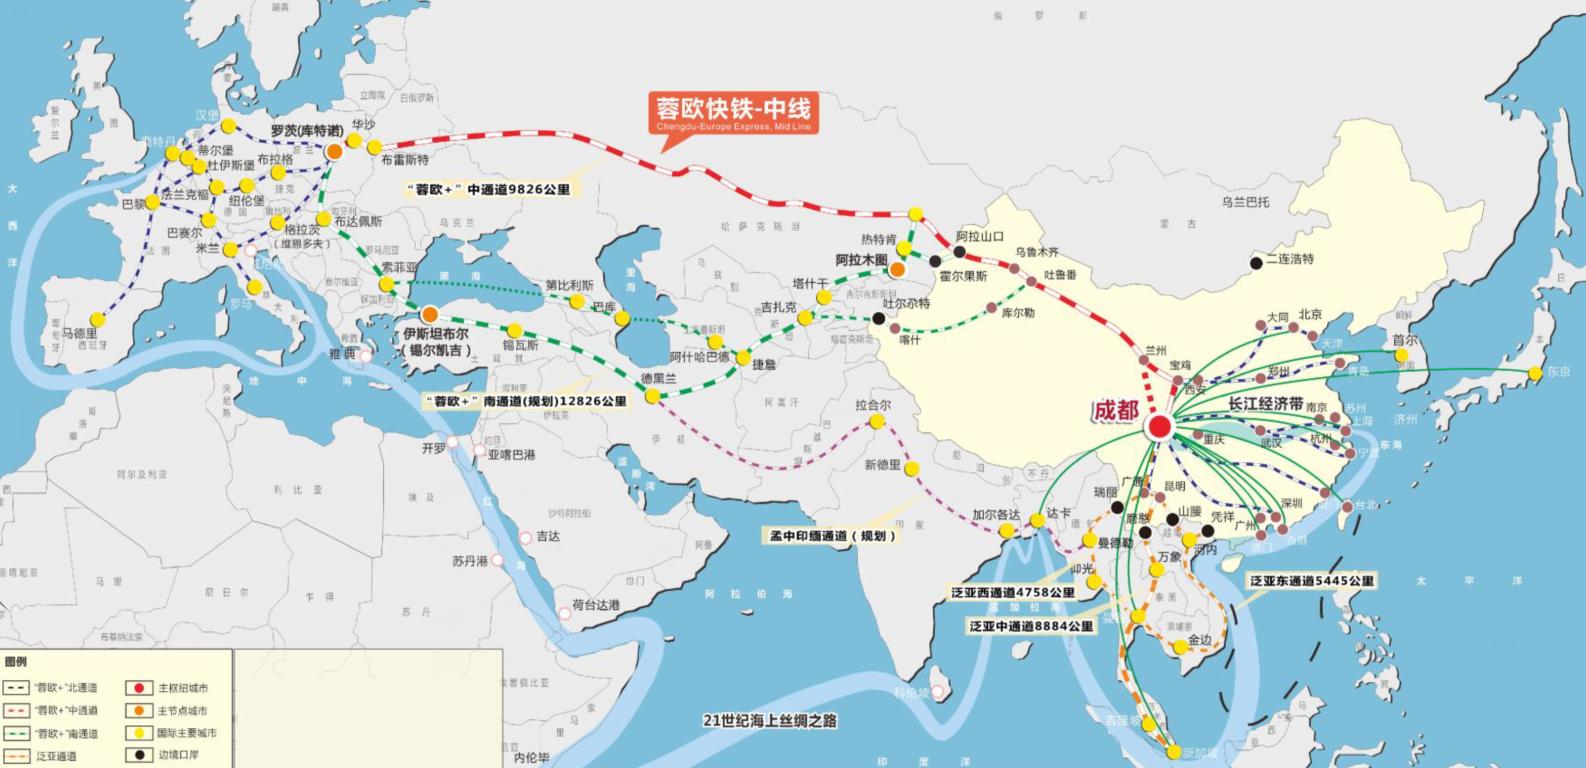 深圳欧洲海内仓-天津平行出口车物流-成都雨城物流无限责任公司